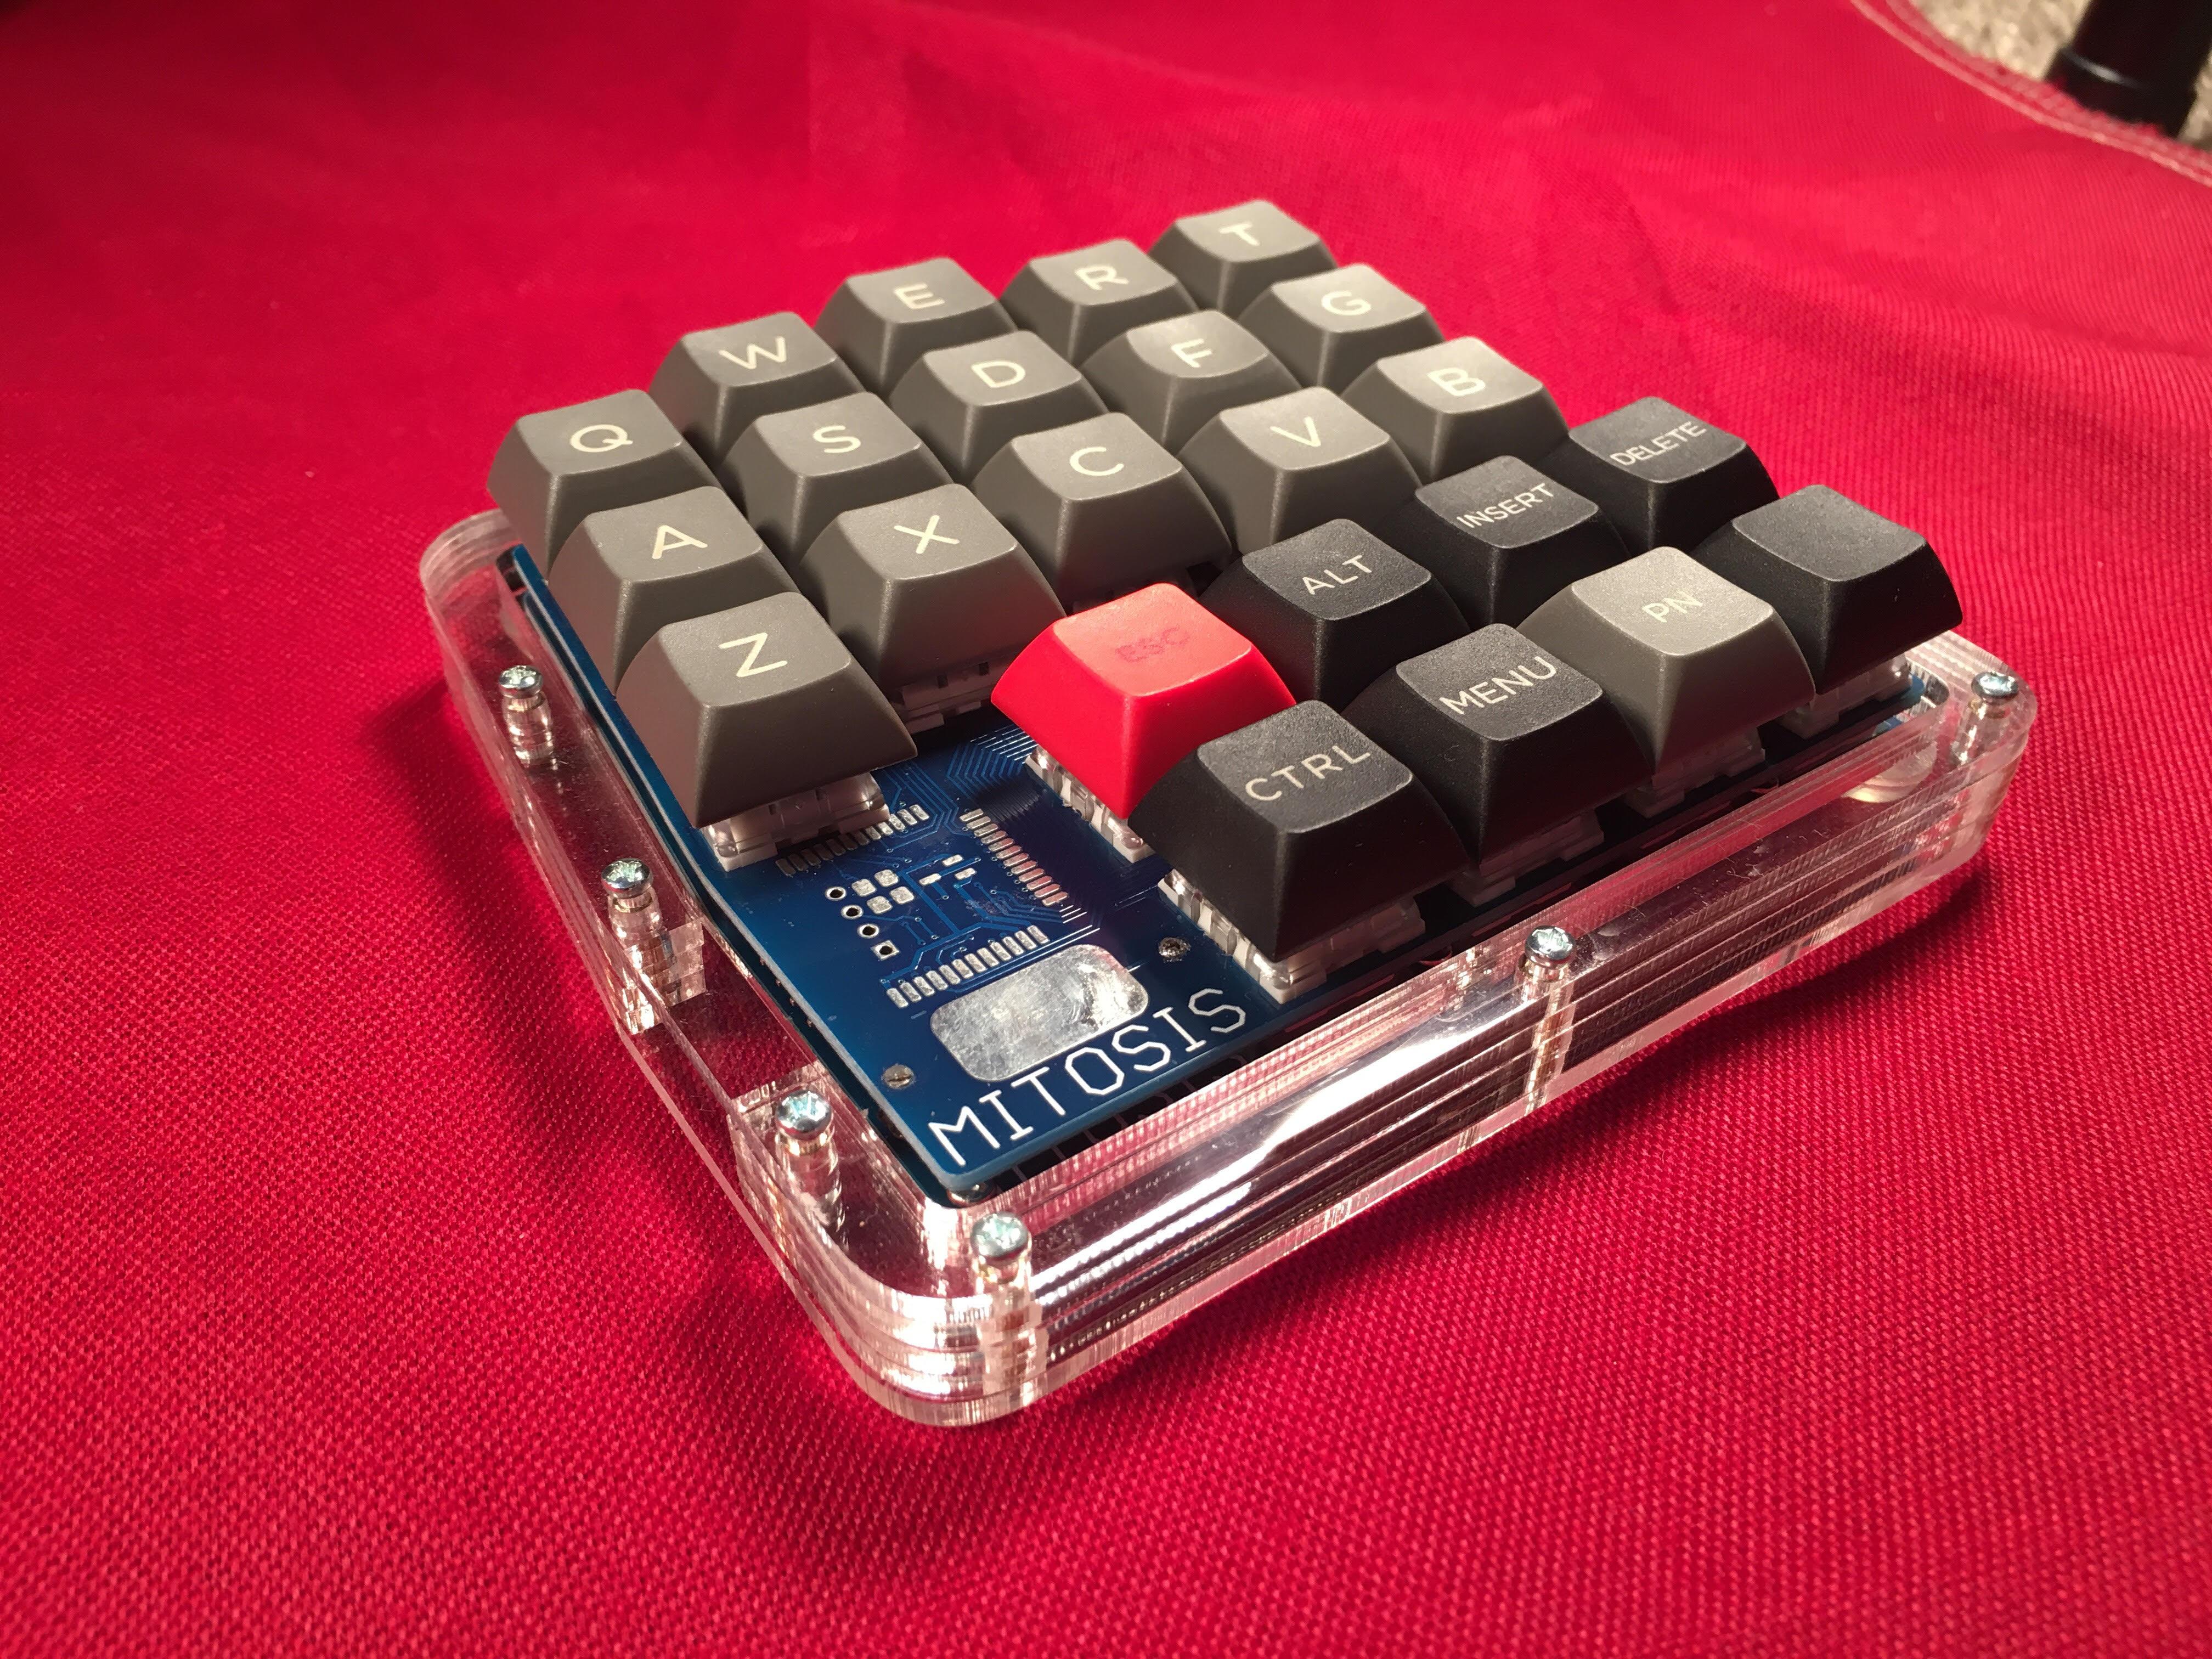 Mitosis Wireless Split Ergonomic Keyboard w/ Acrylic Case